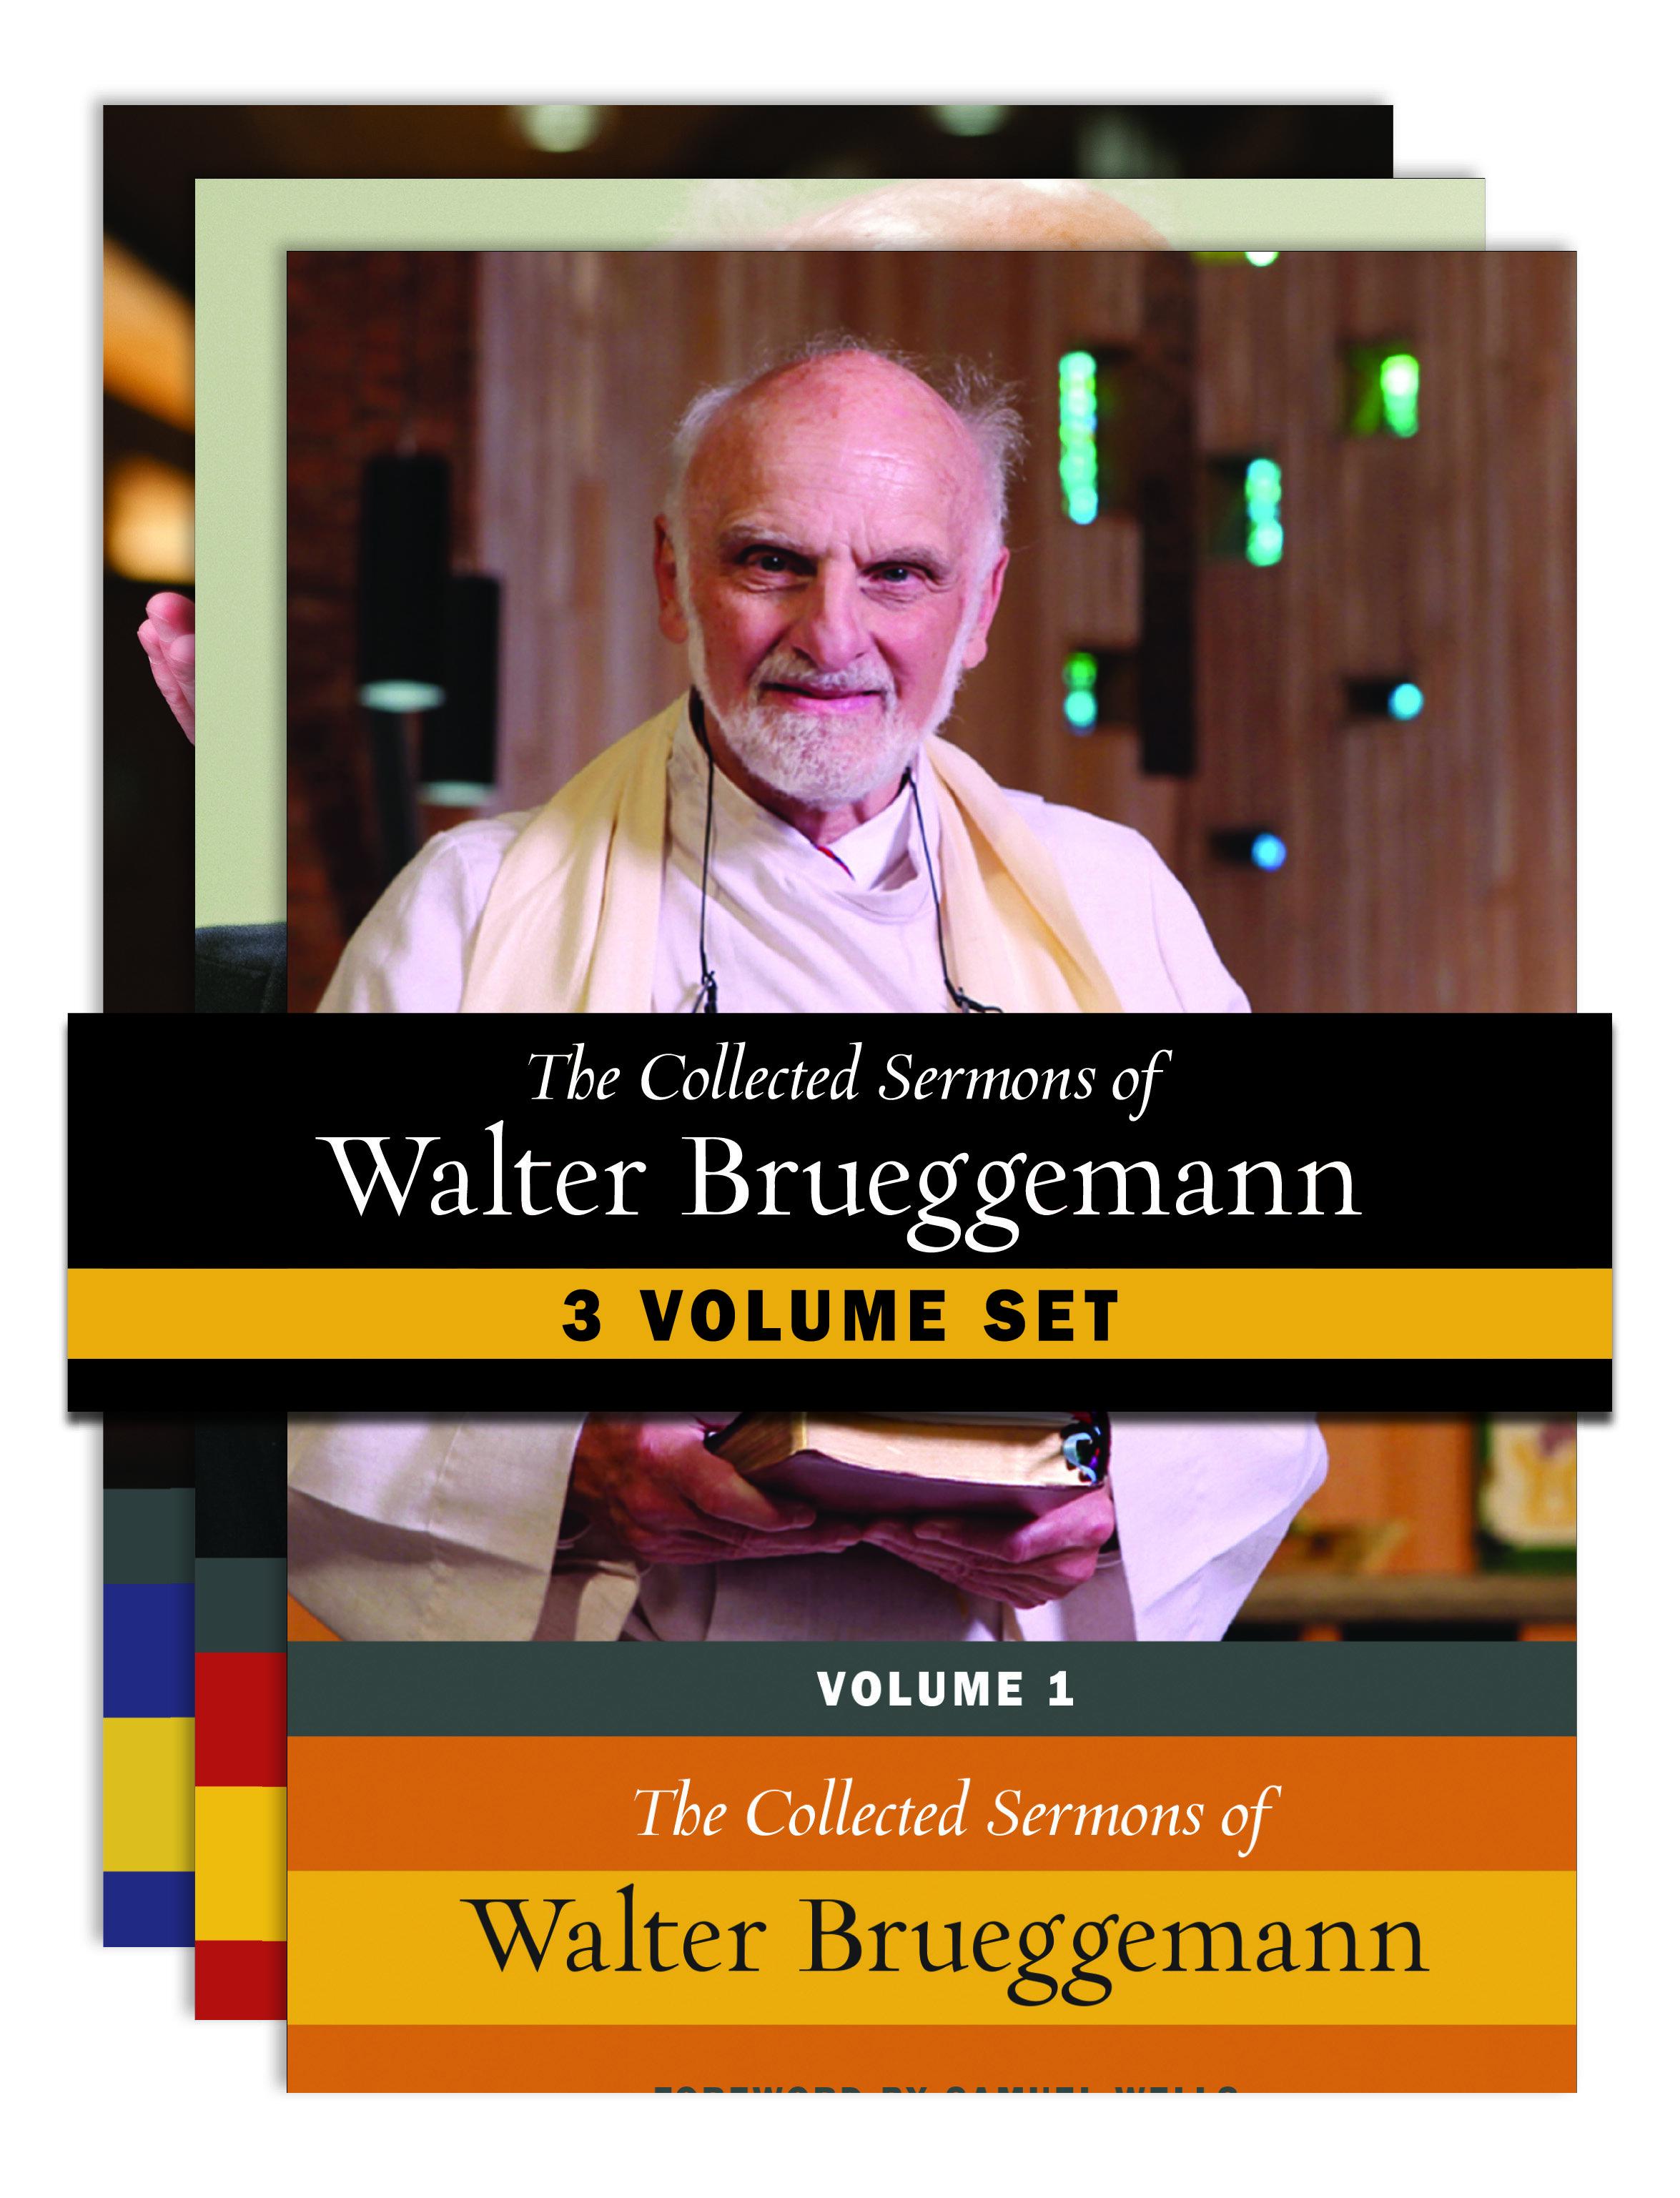 The Collected Sermons of Walter Brueggemann (3 vols.)